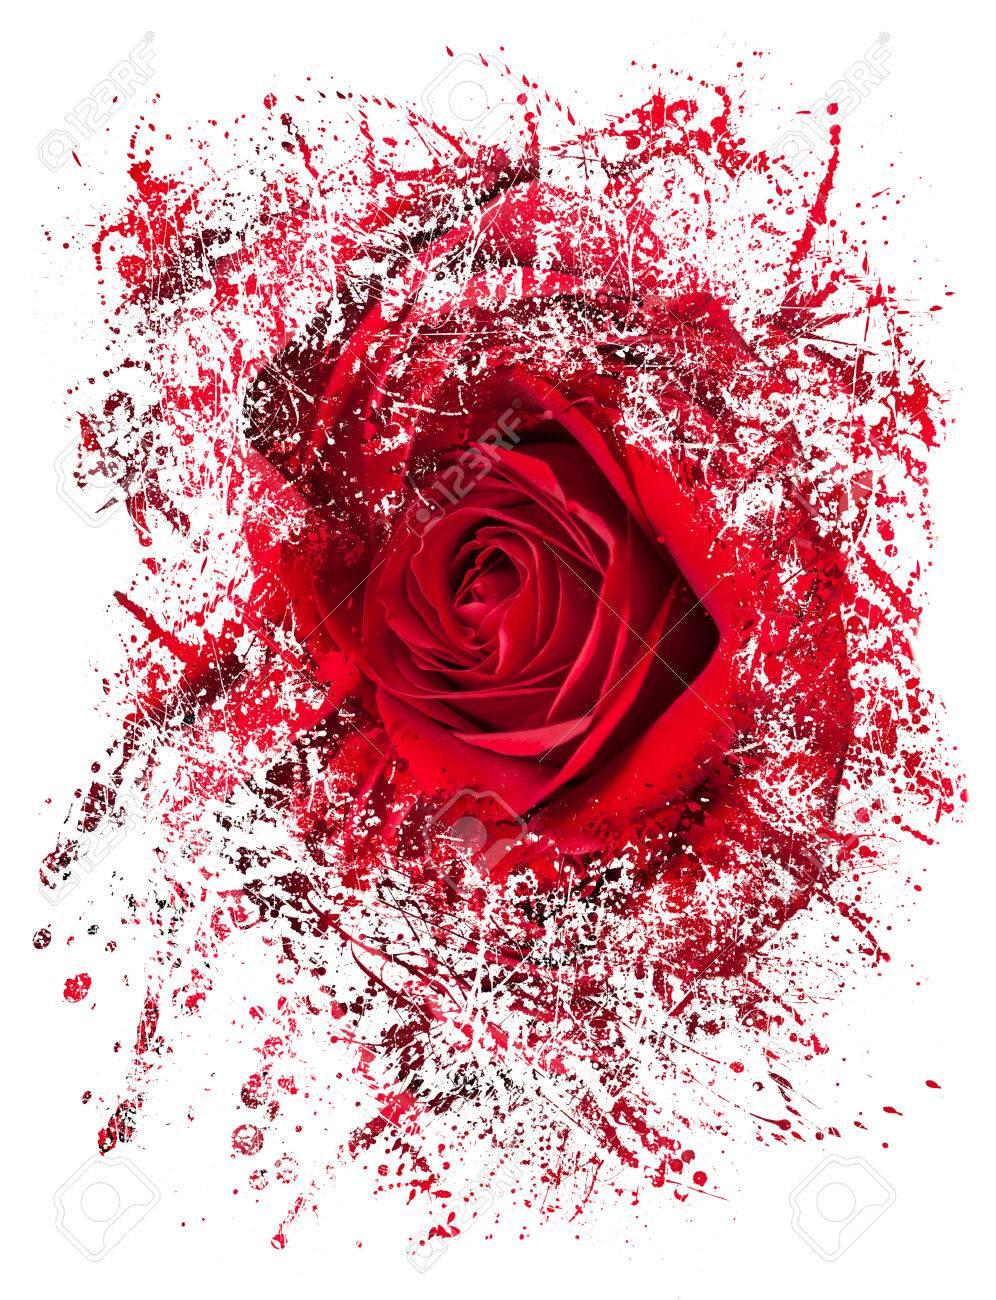 ベルベット赤バラ薔薇抽象的なイラストにデボルブと分裂またはおそらく